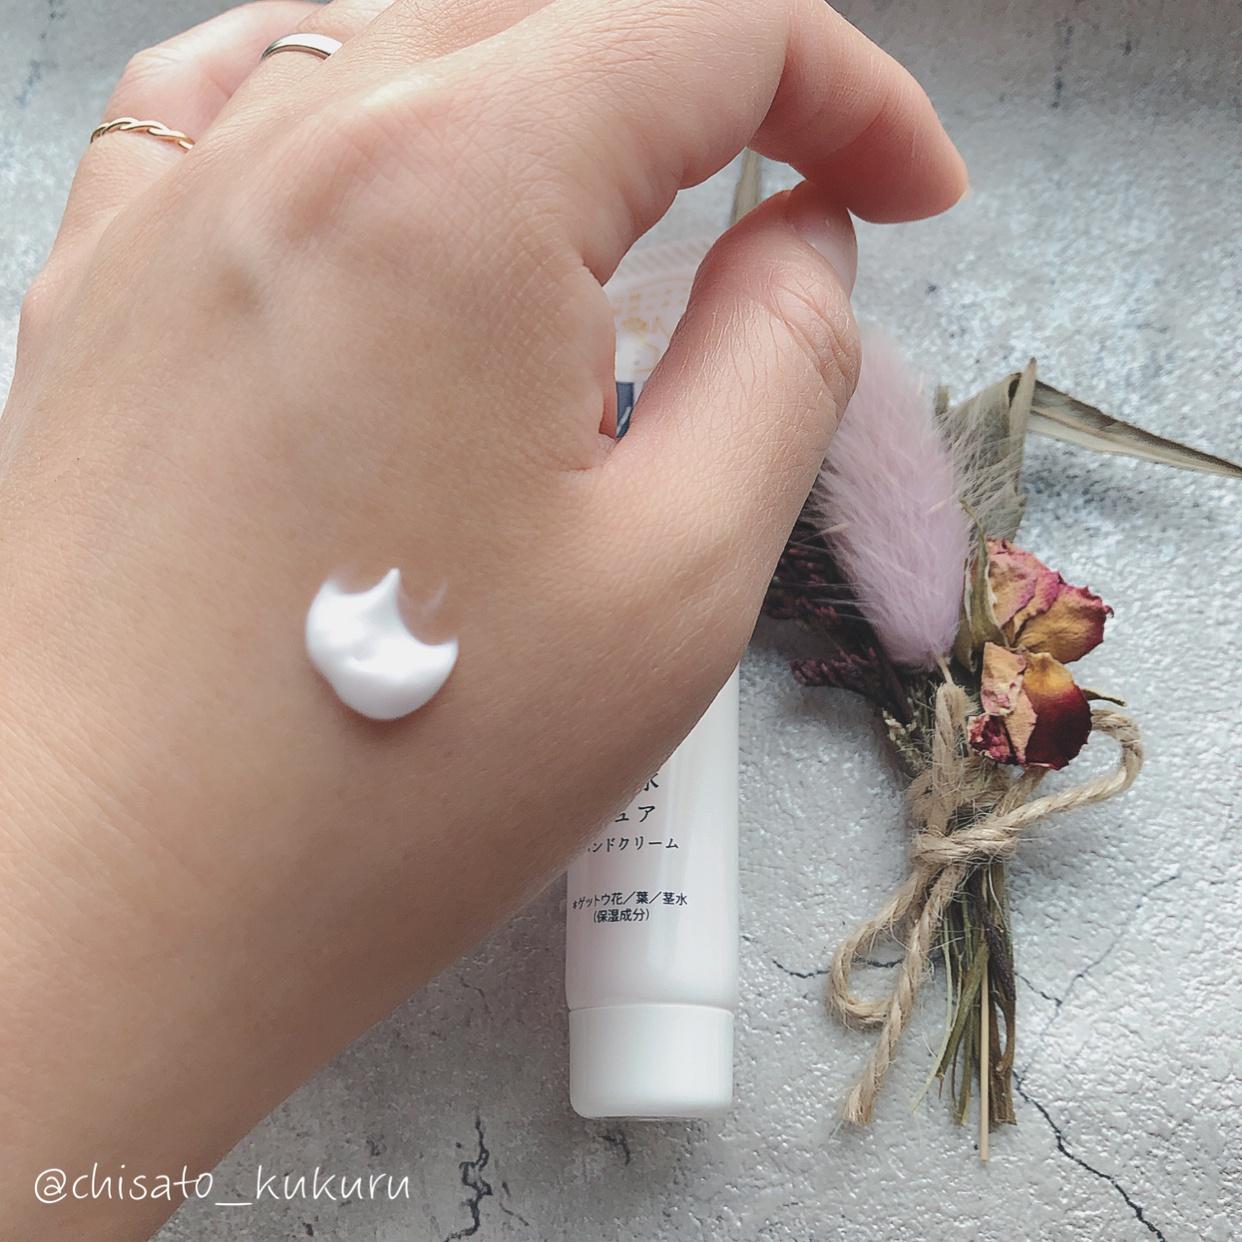 しまのや 月桃ベール 琉球ピュアハンドクリームを使ったkukuruさんのクチコミ画像2